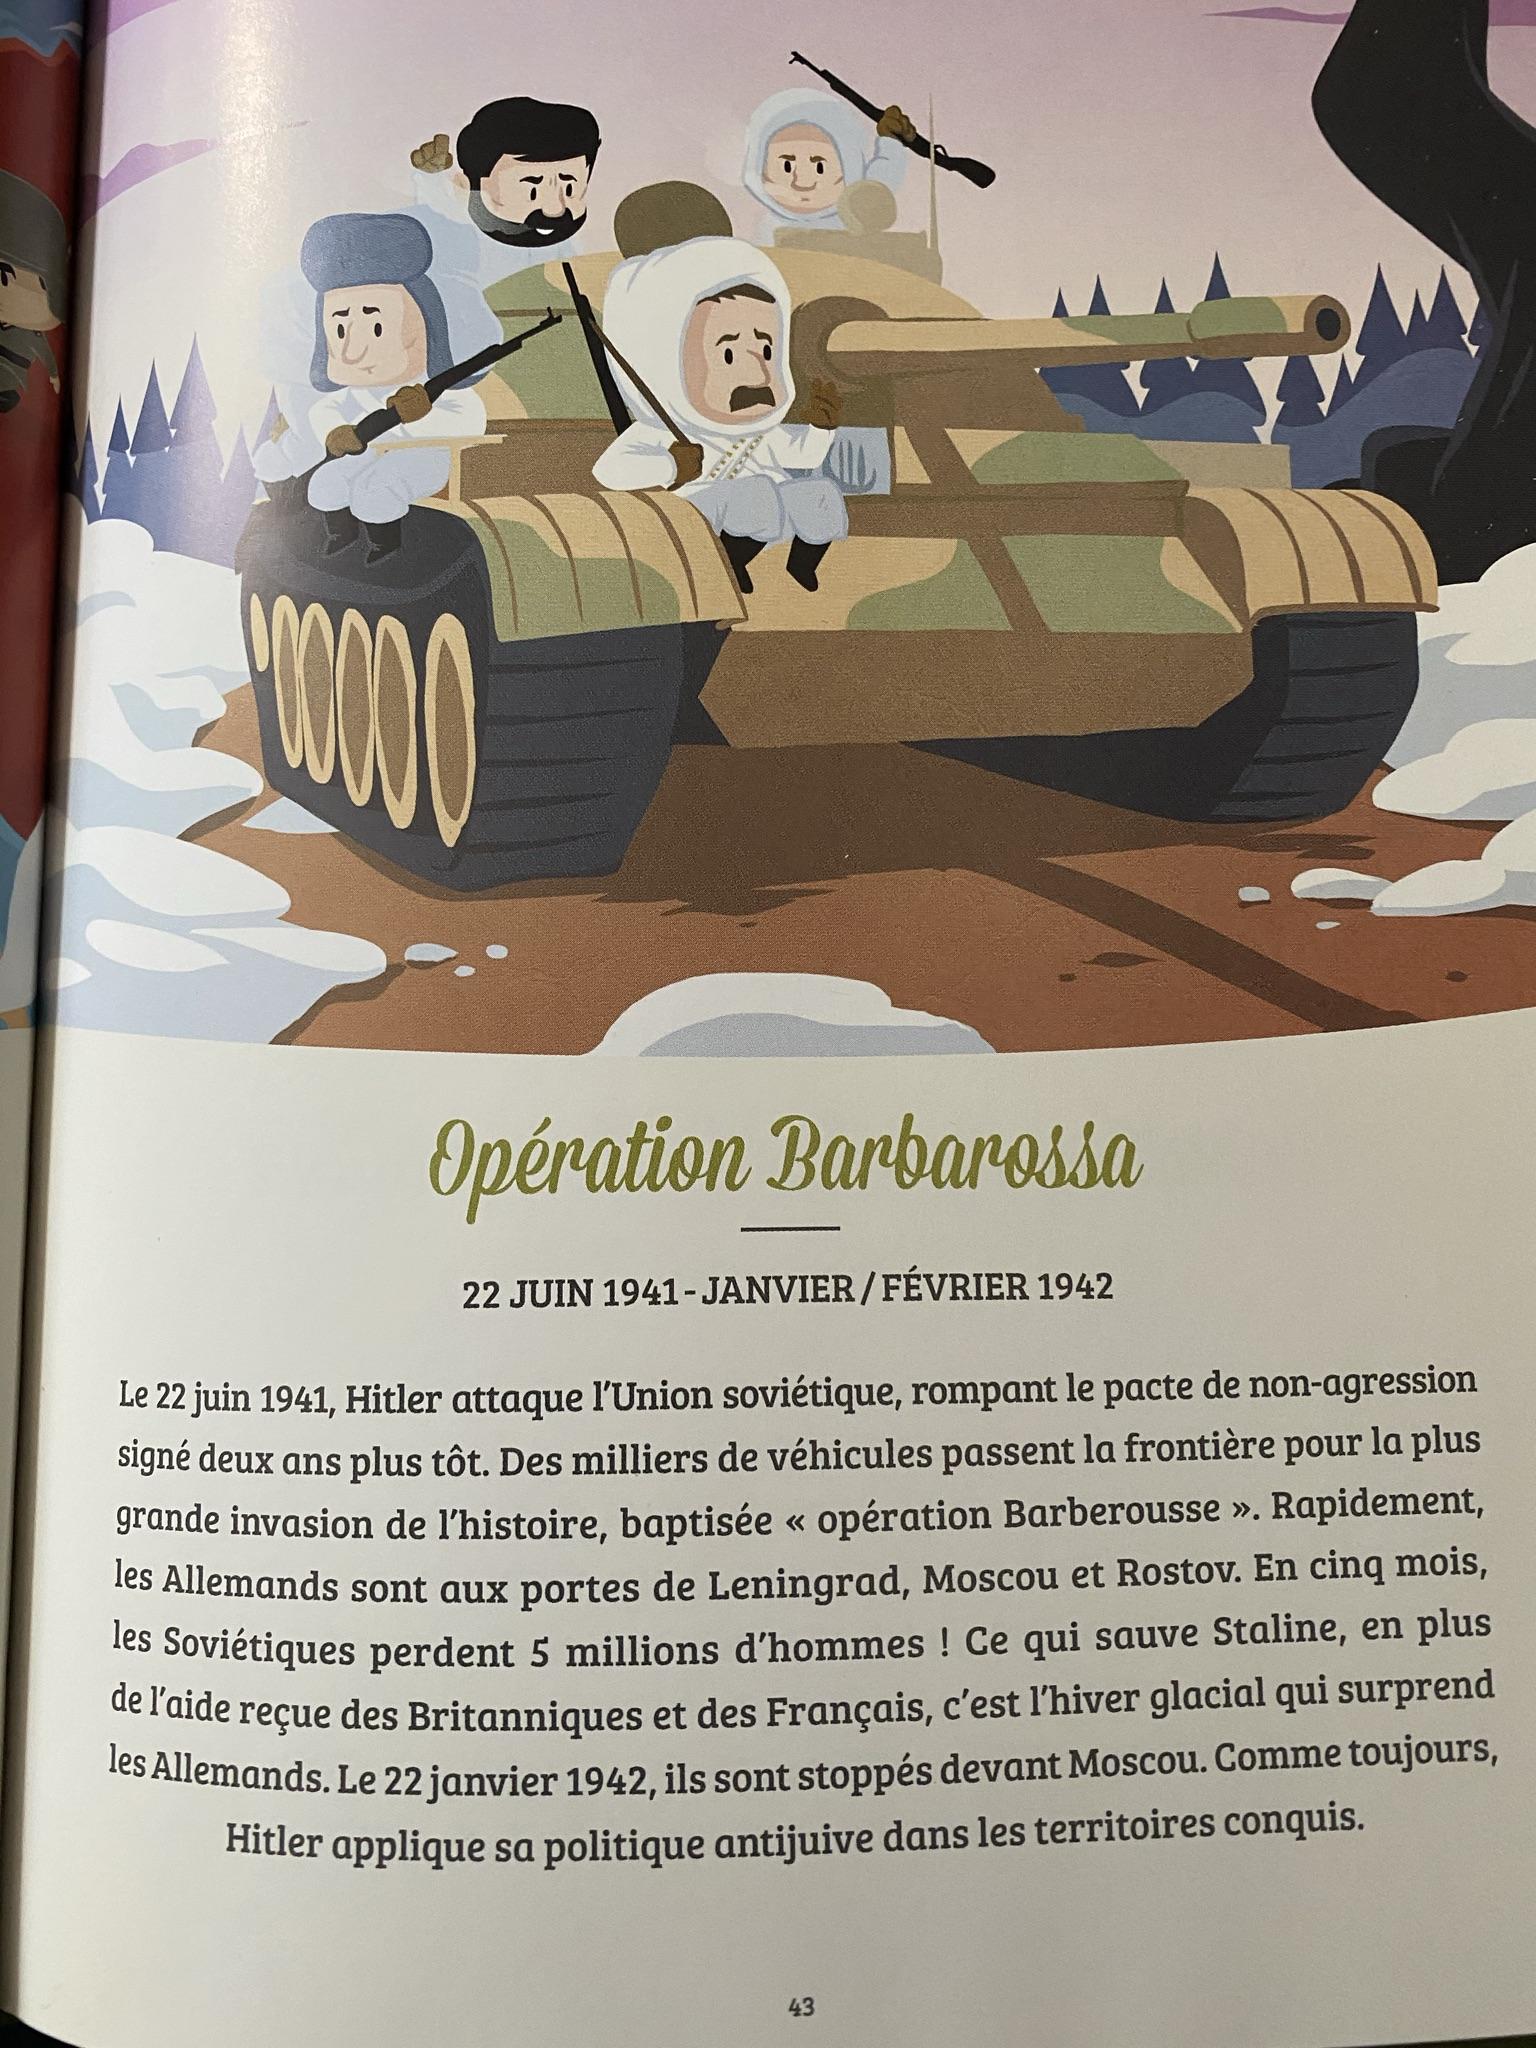 Операция Барбаросса. За 5 месяцев соавтские войска потеряли 5 миллионов солдат.